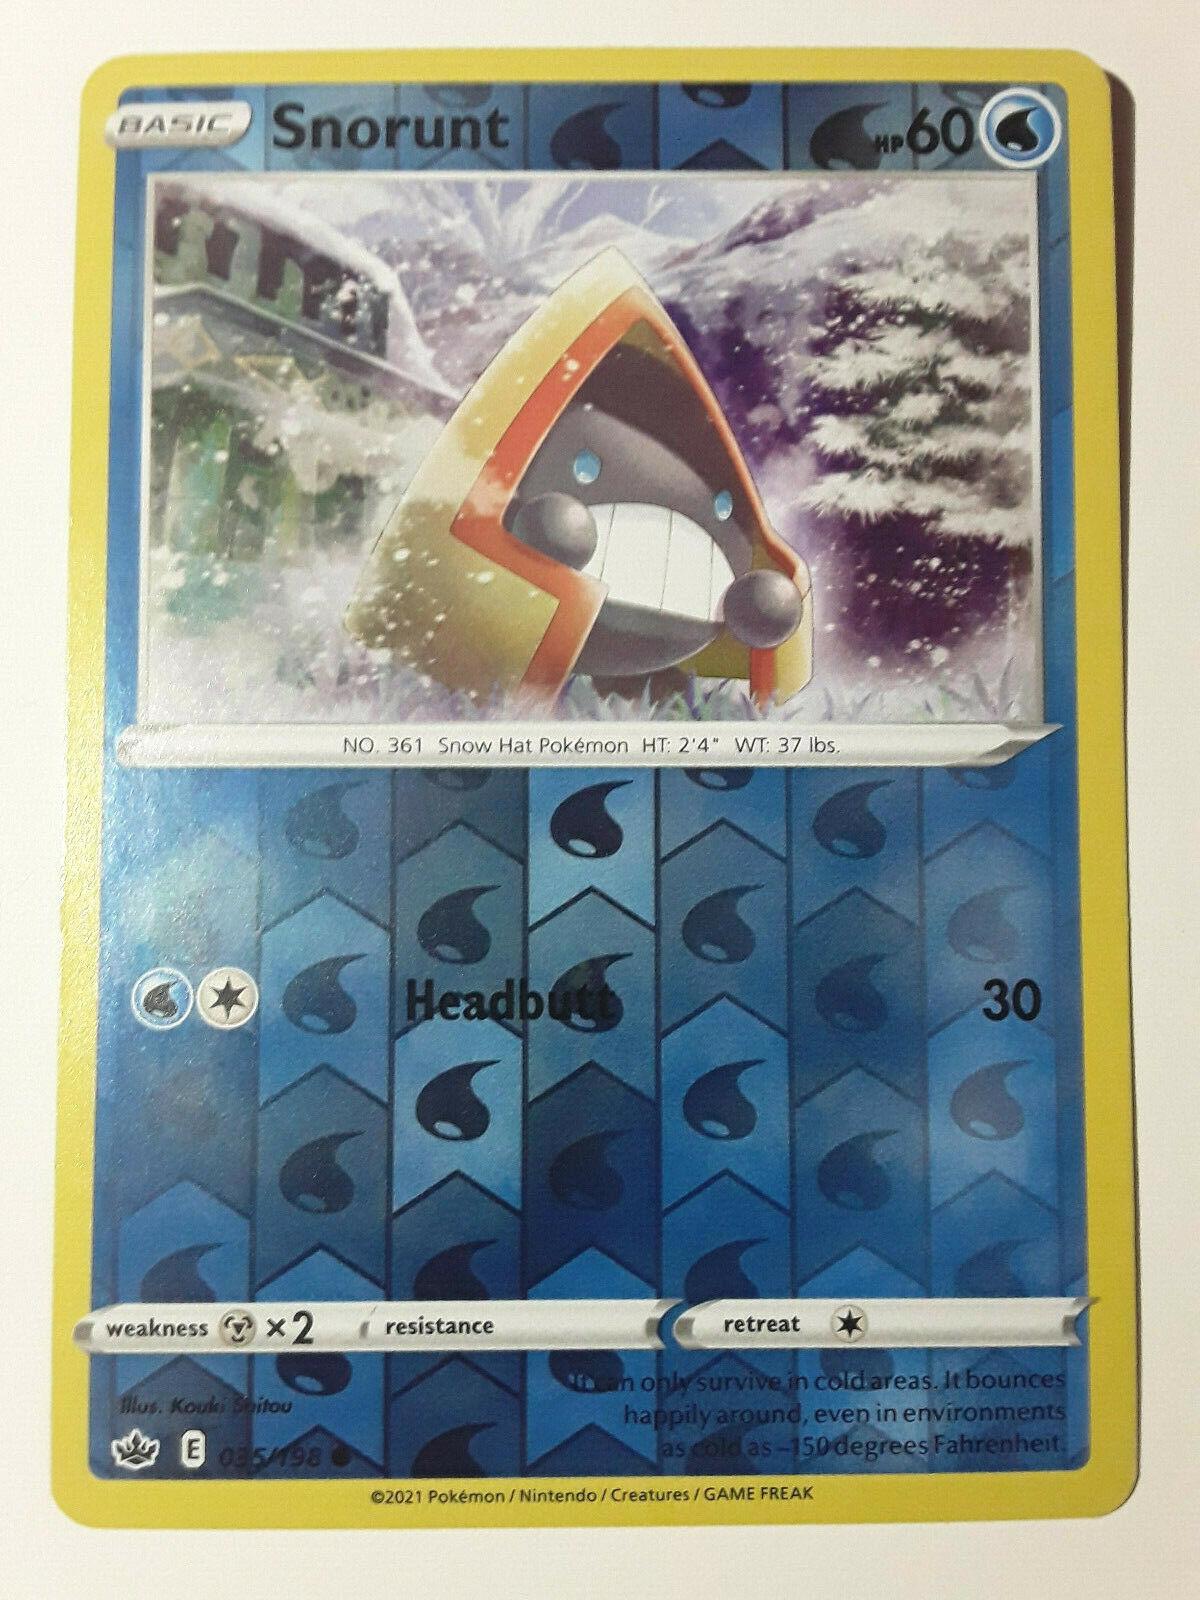 Pokemon Chilling Reign, Rev-Holo, Snorunt - 035/198 Common